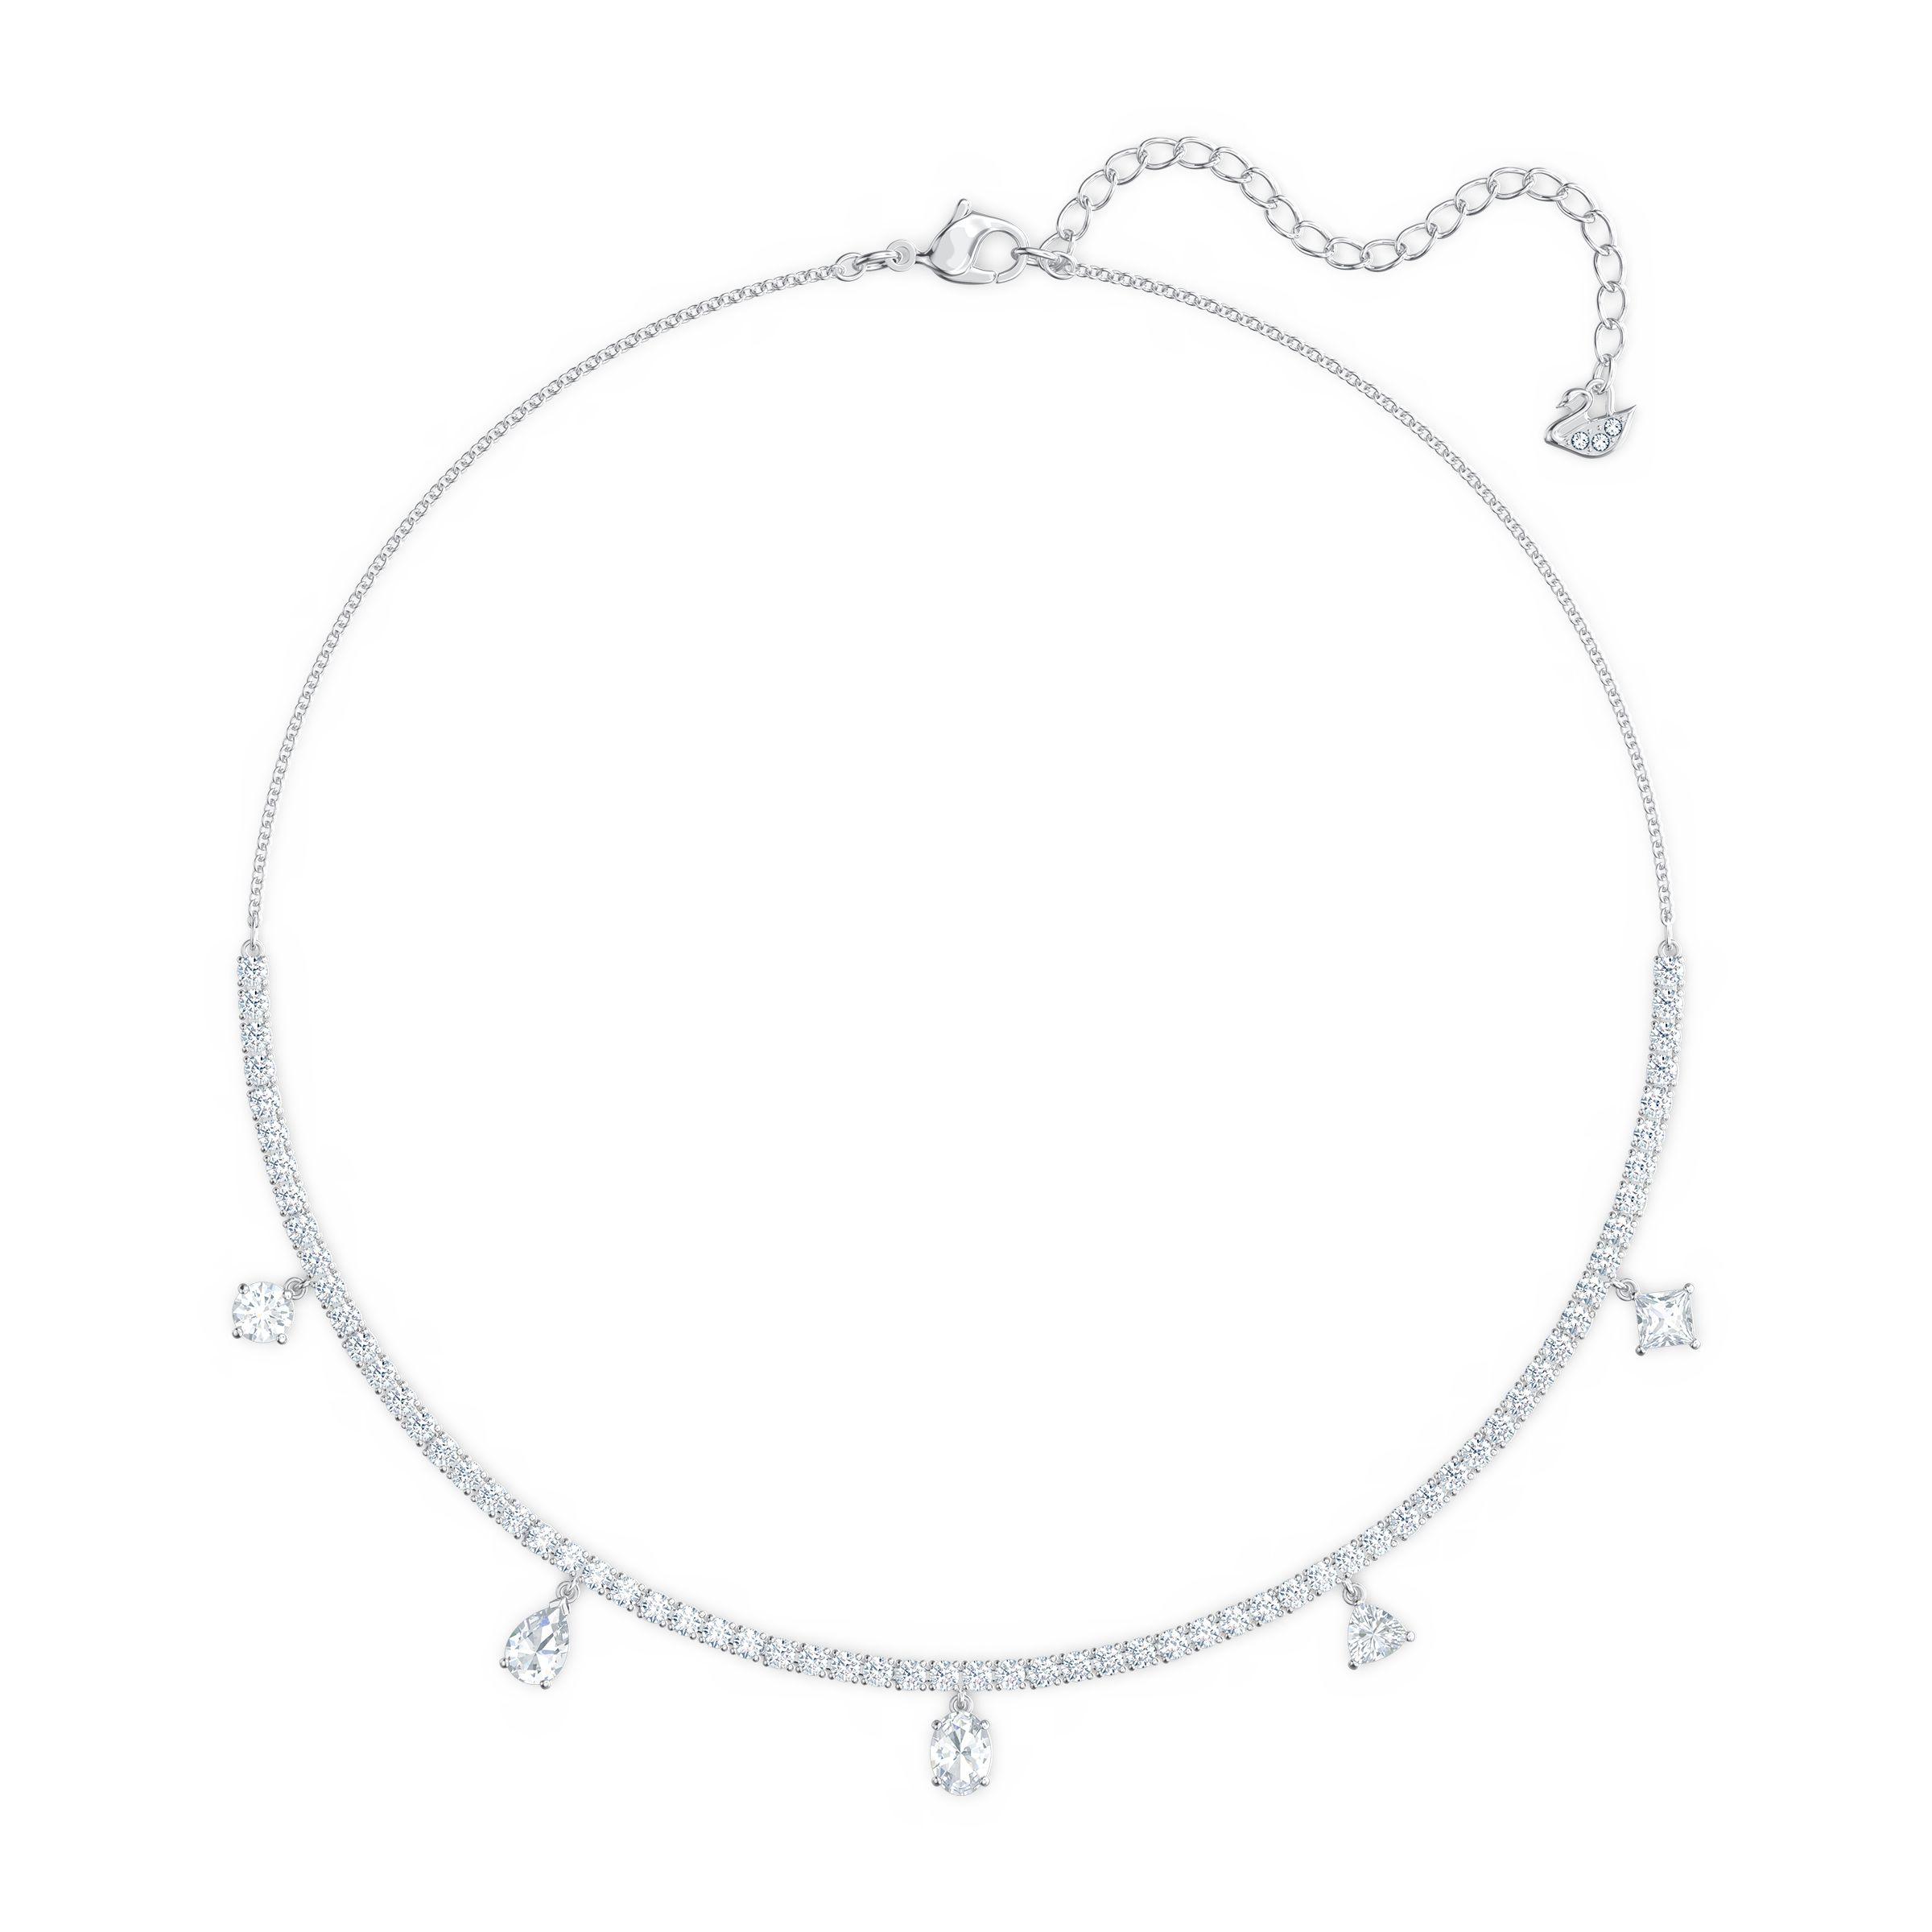 Ras-de-cou Tennis Deluxe Mixed, blanc, métal rhodié, Swarovski